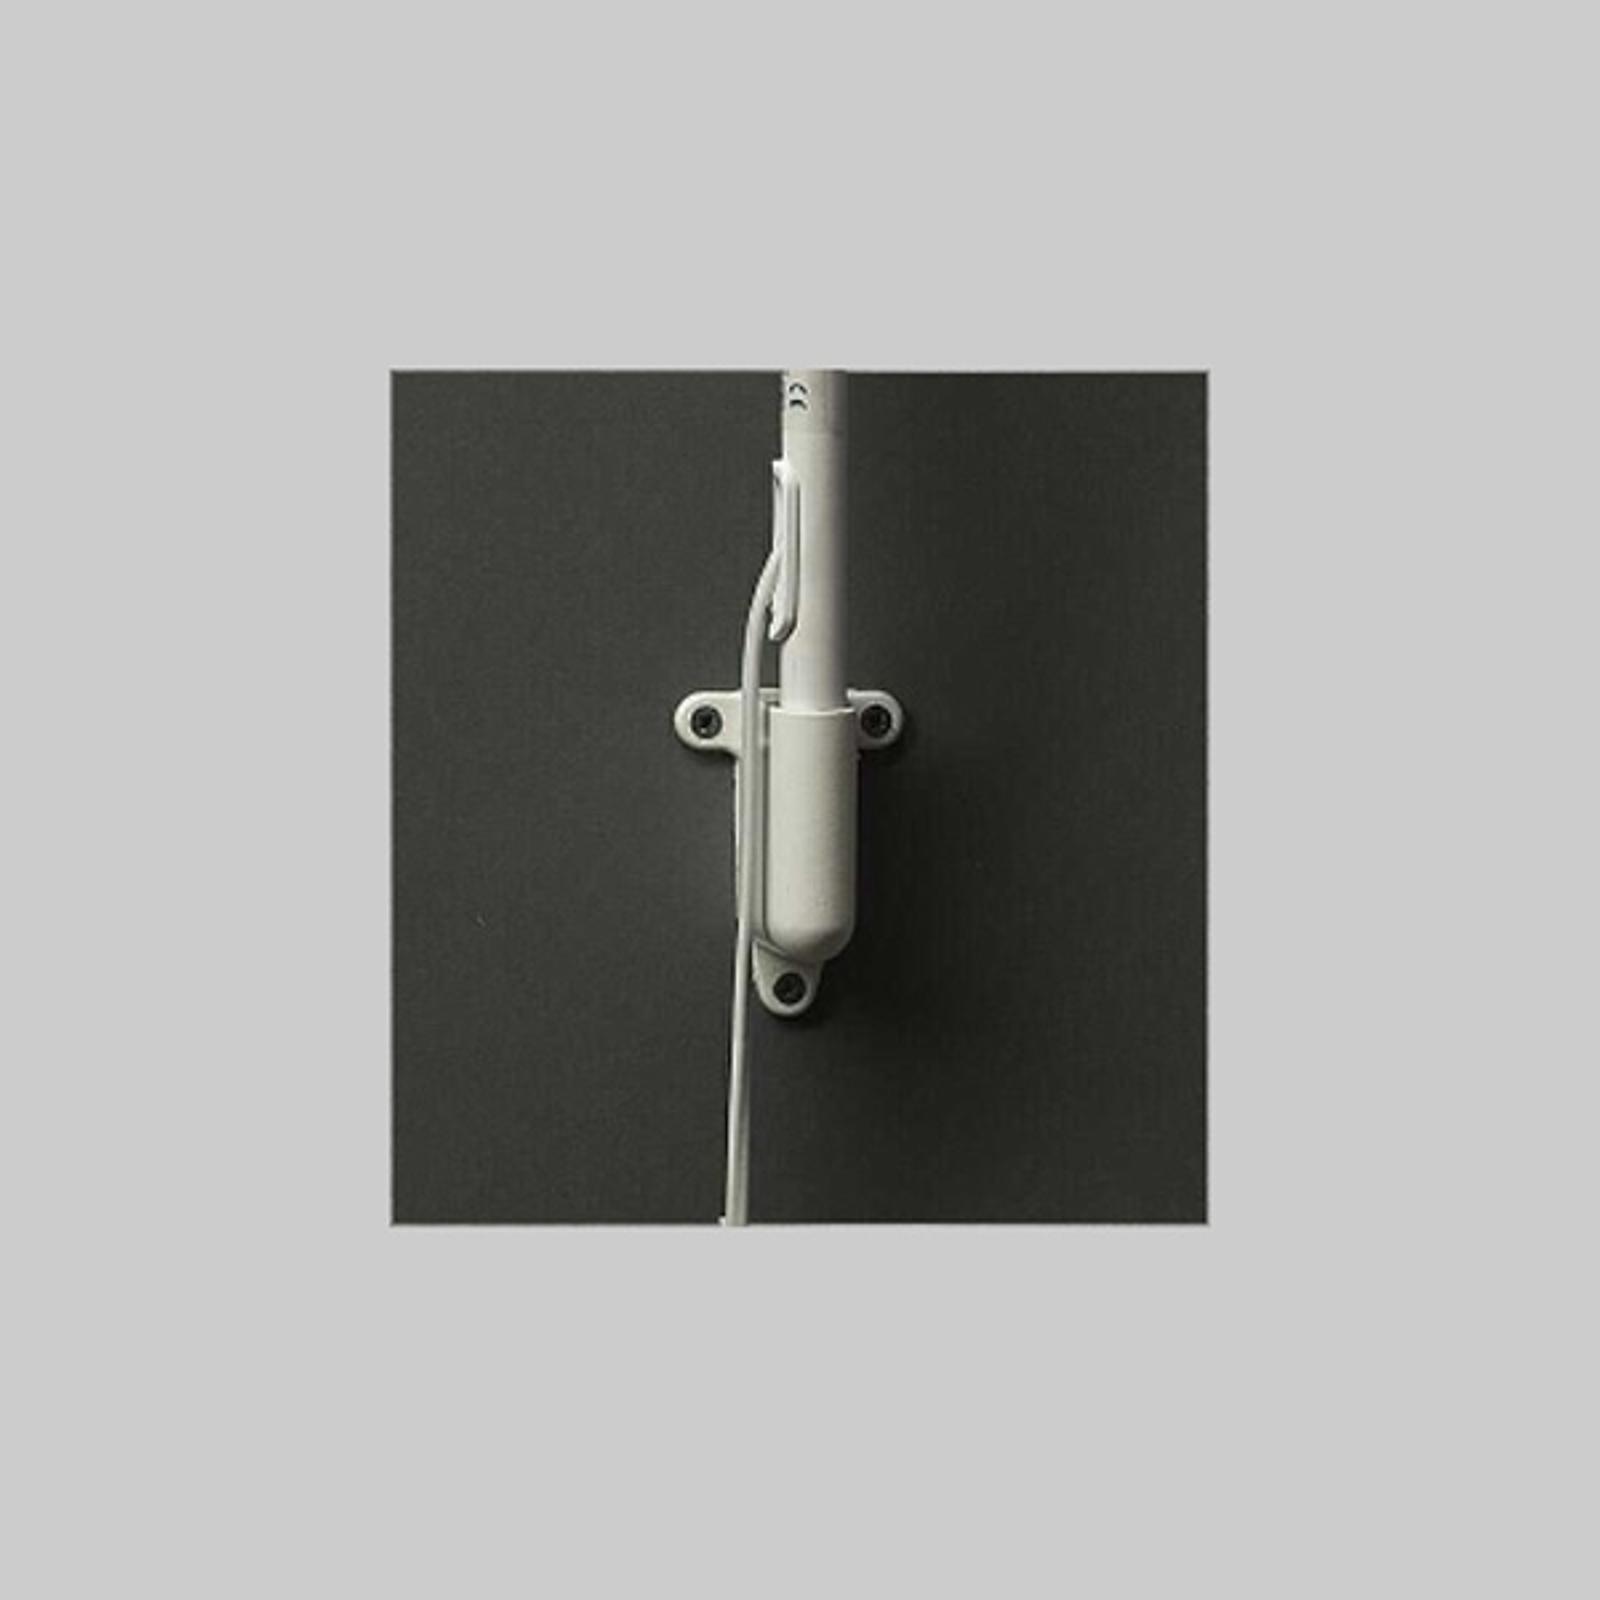 Wandhalter für LED Bettleseleuchte